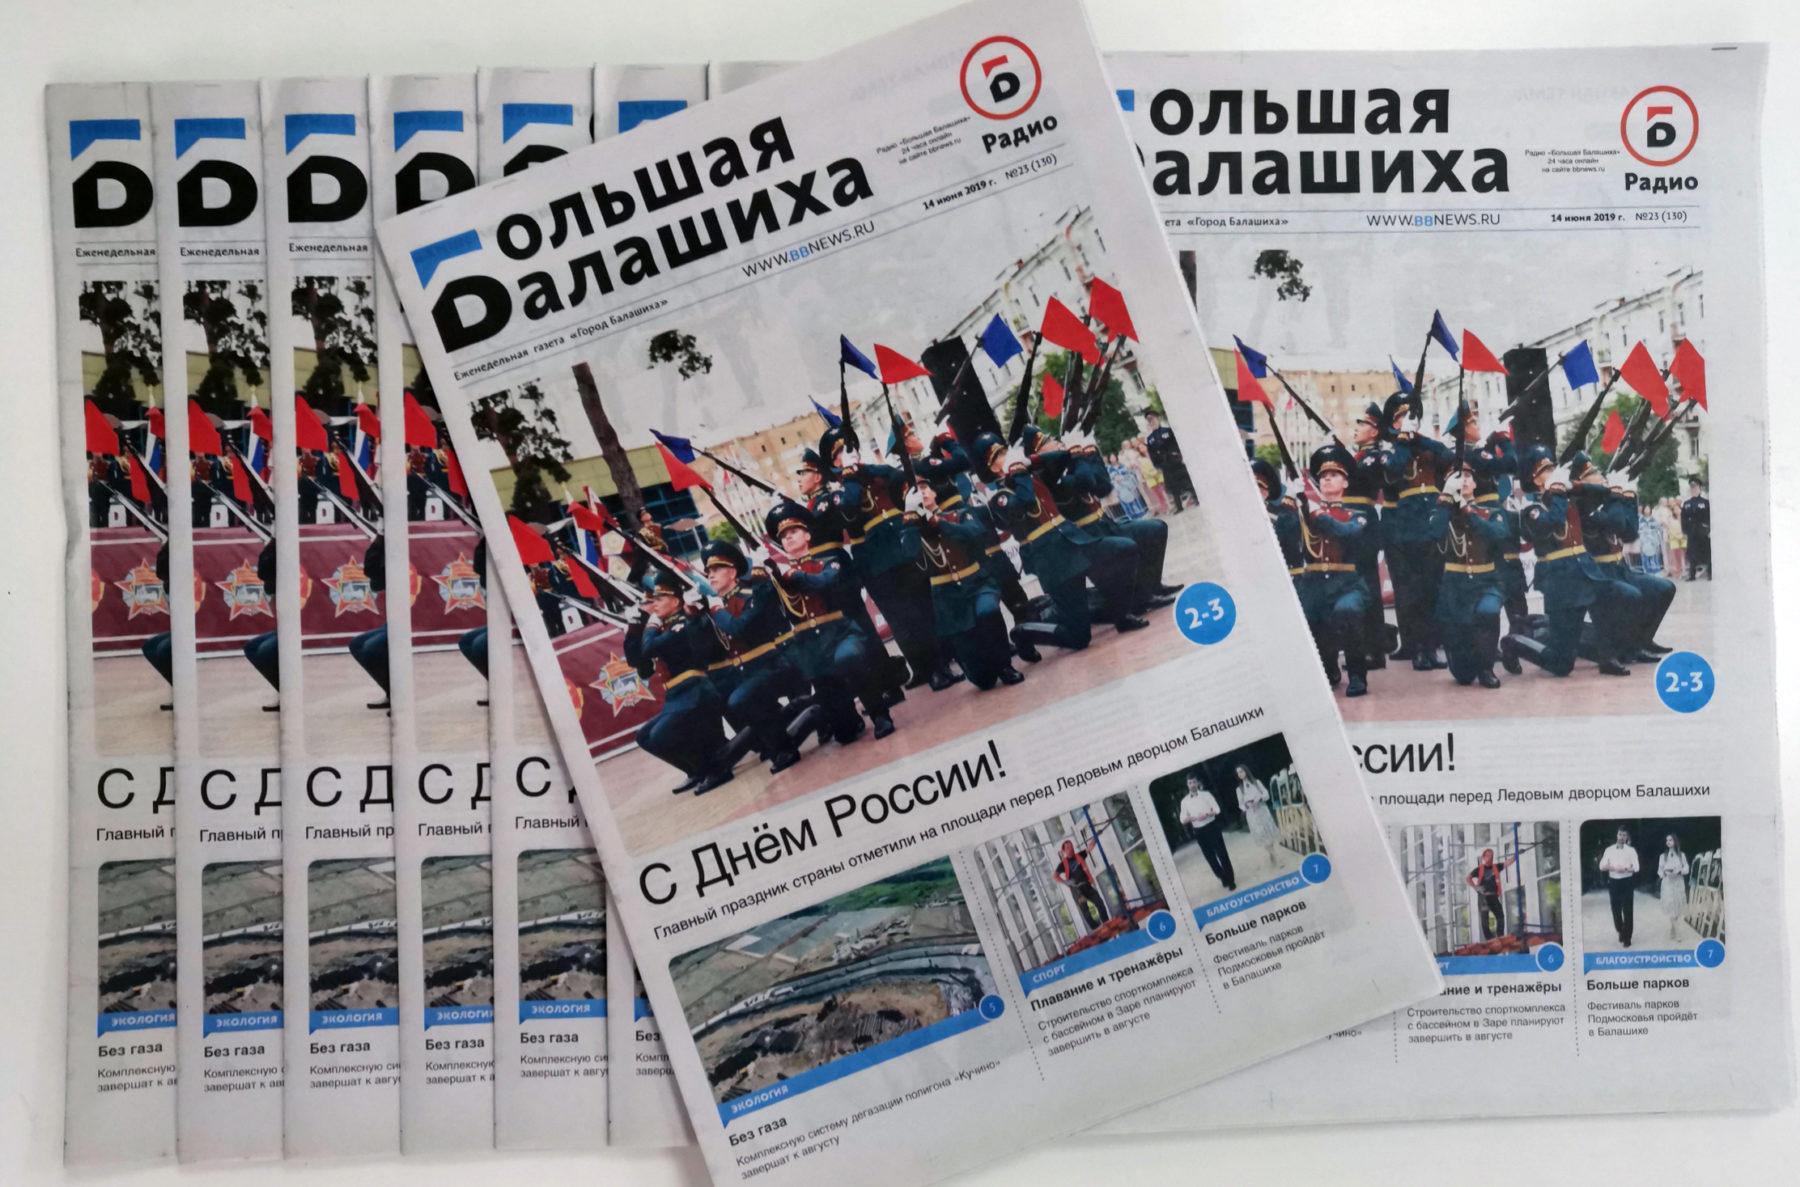 Вышла газета «Город Балашиха» №23 (130)